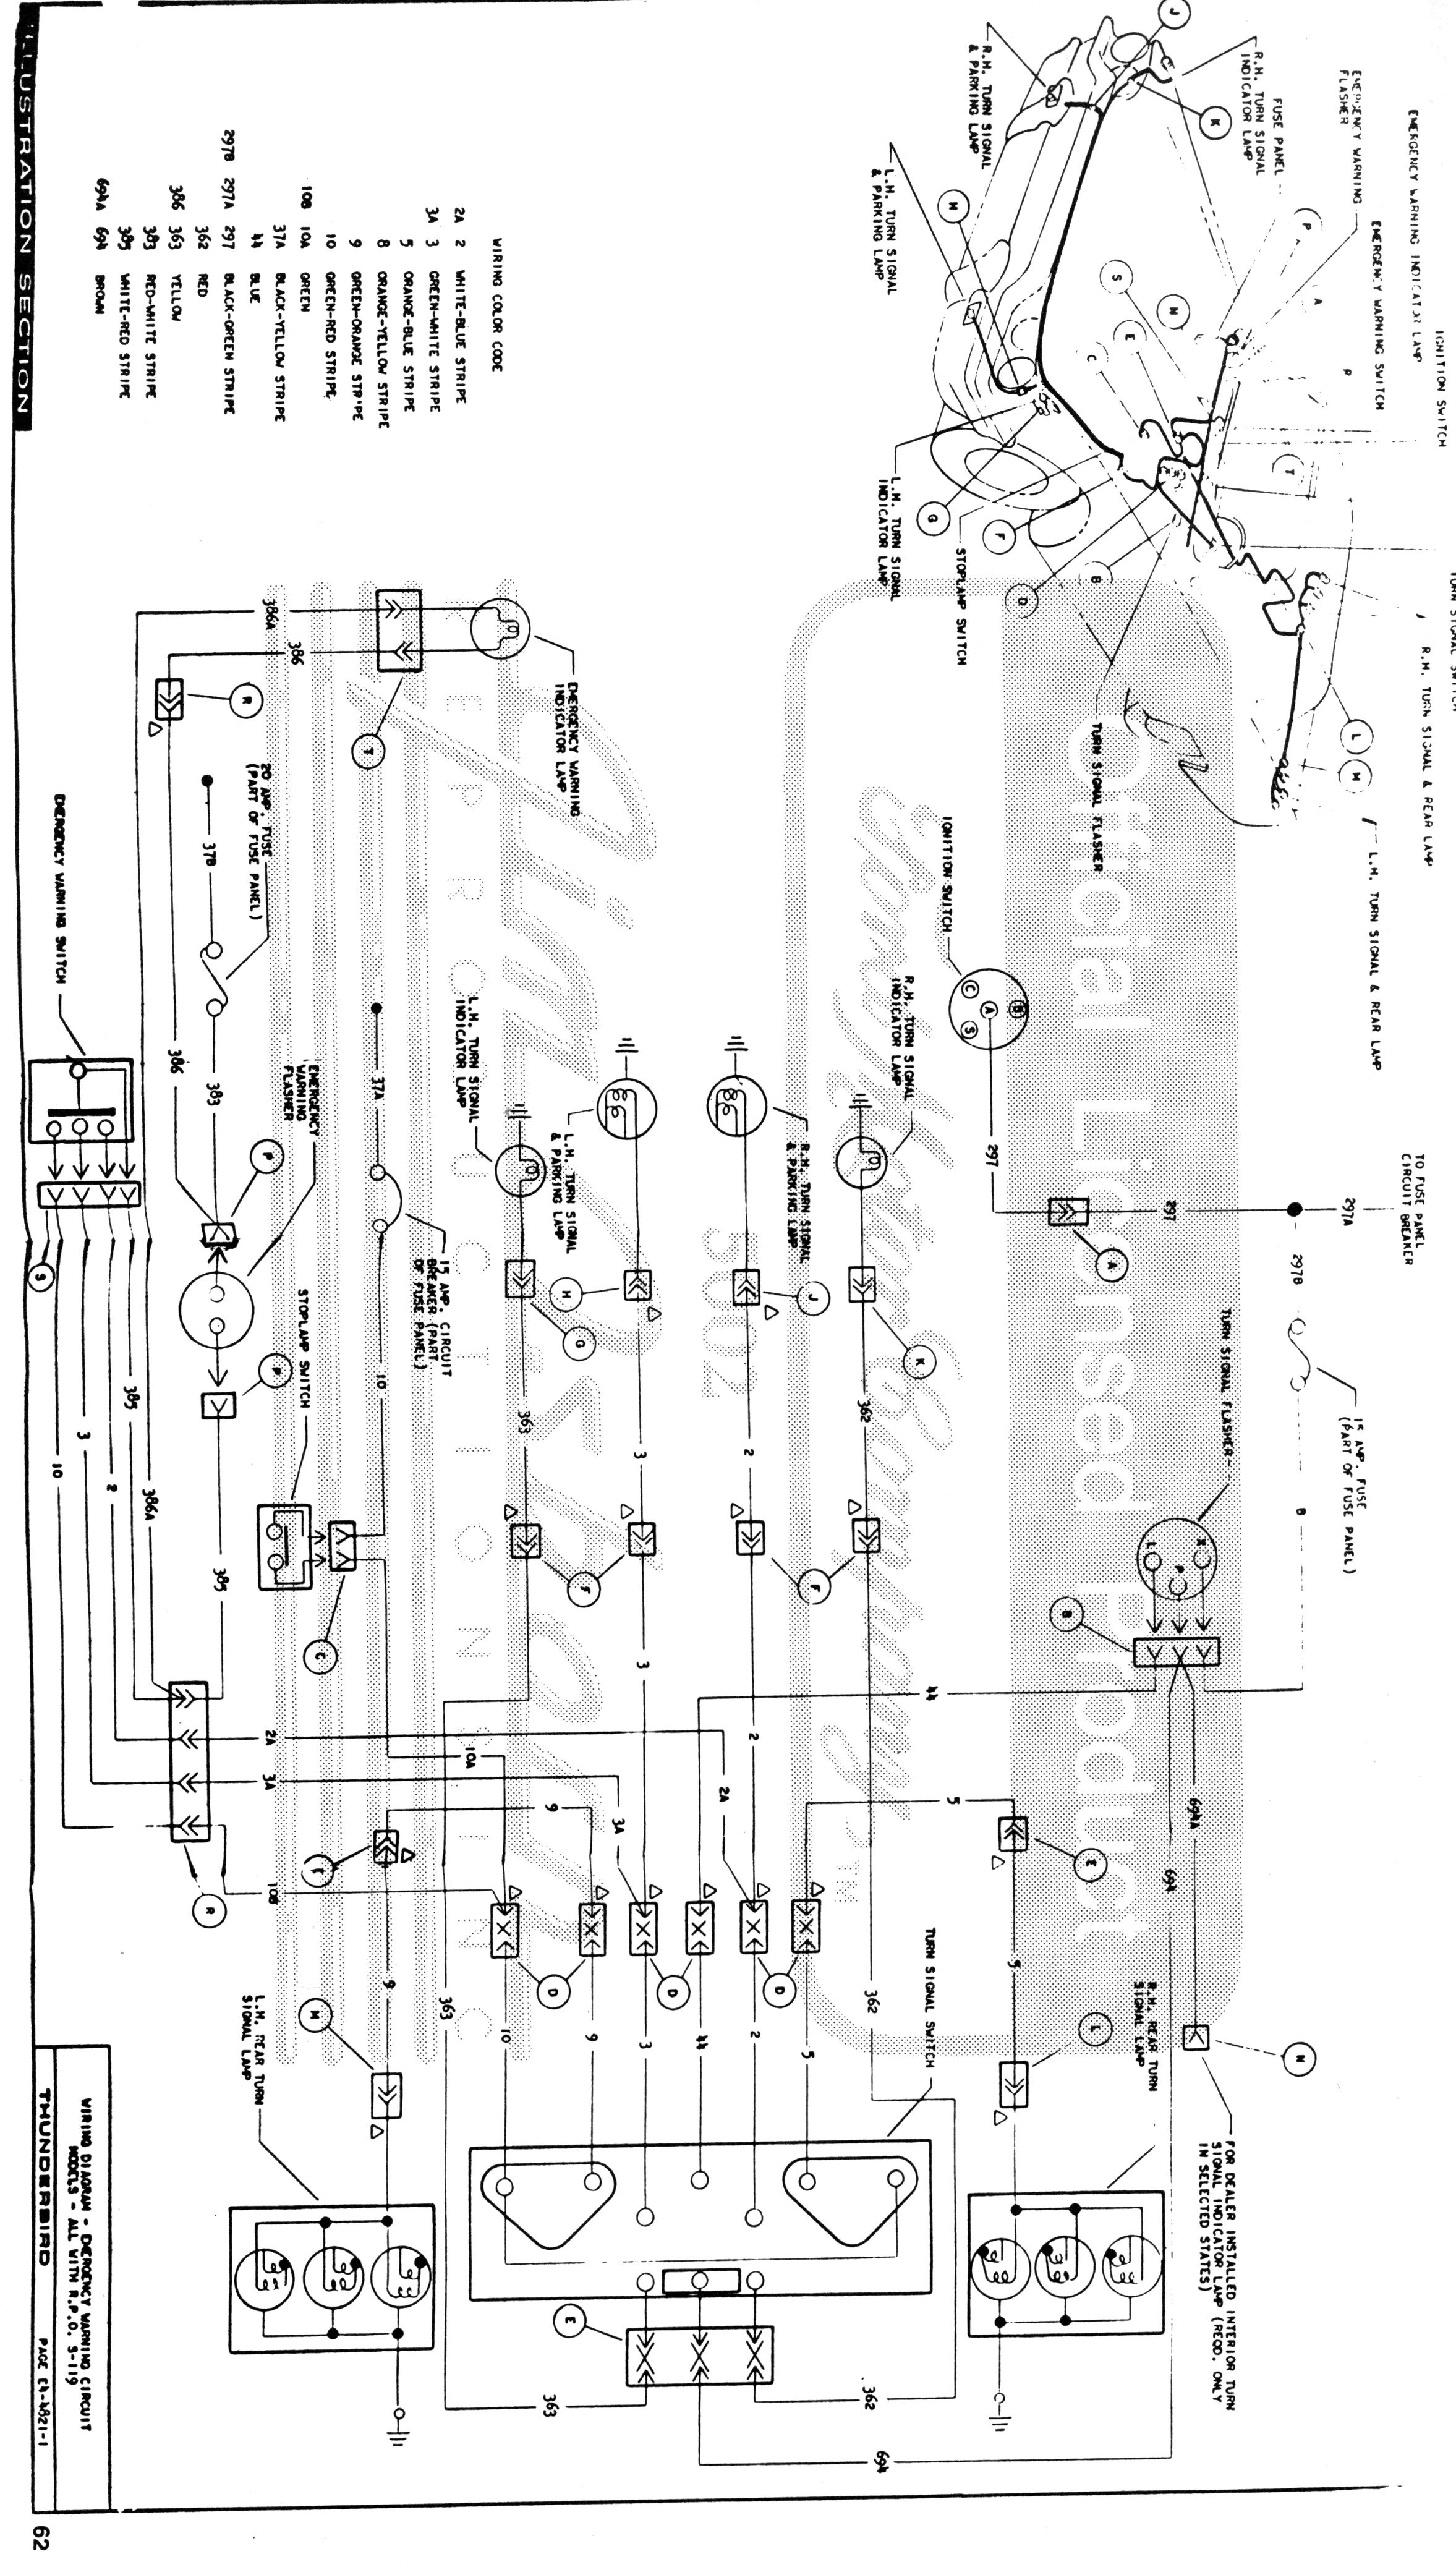 1963 mercury et wiring diagram